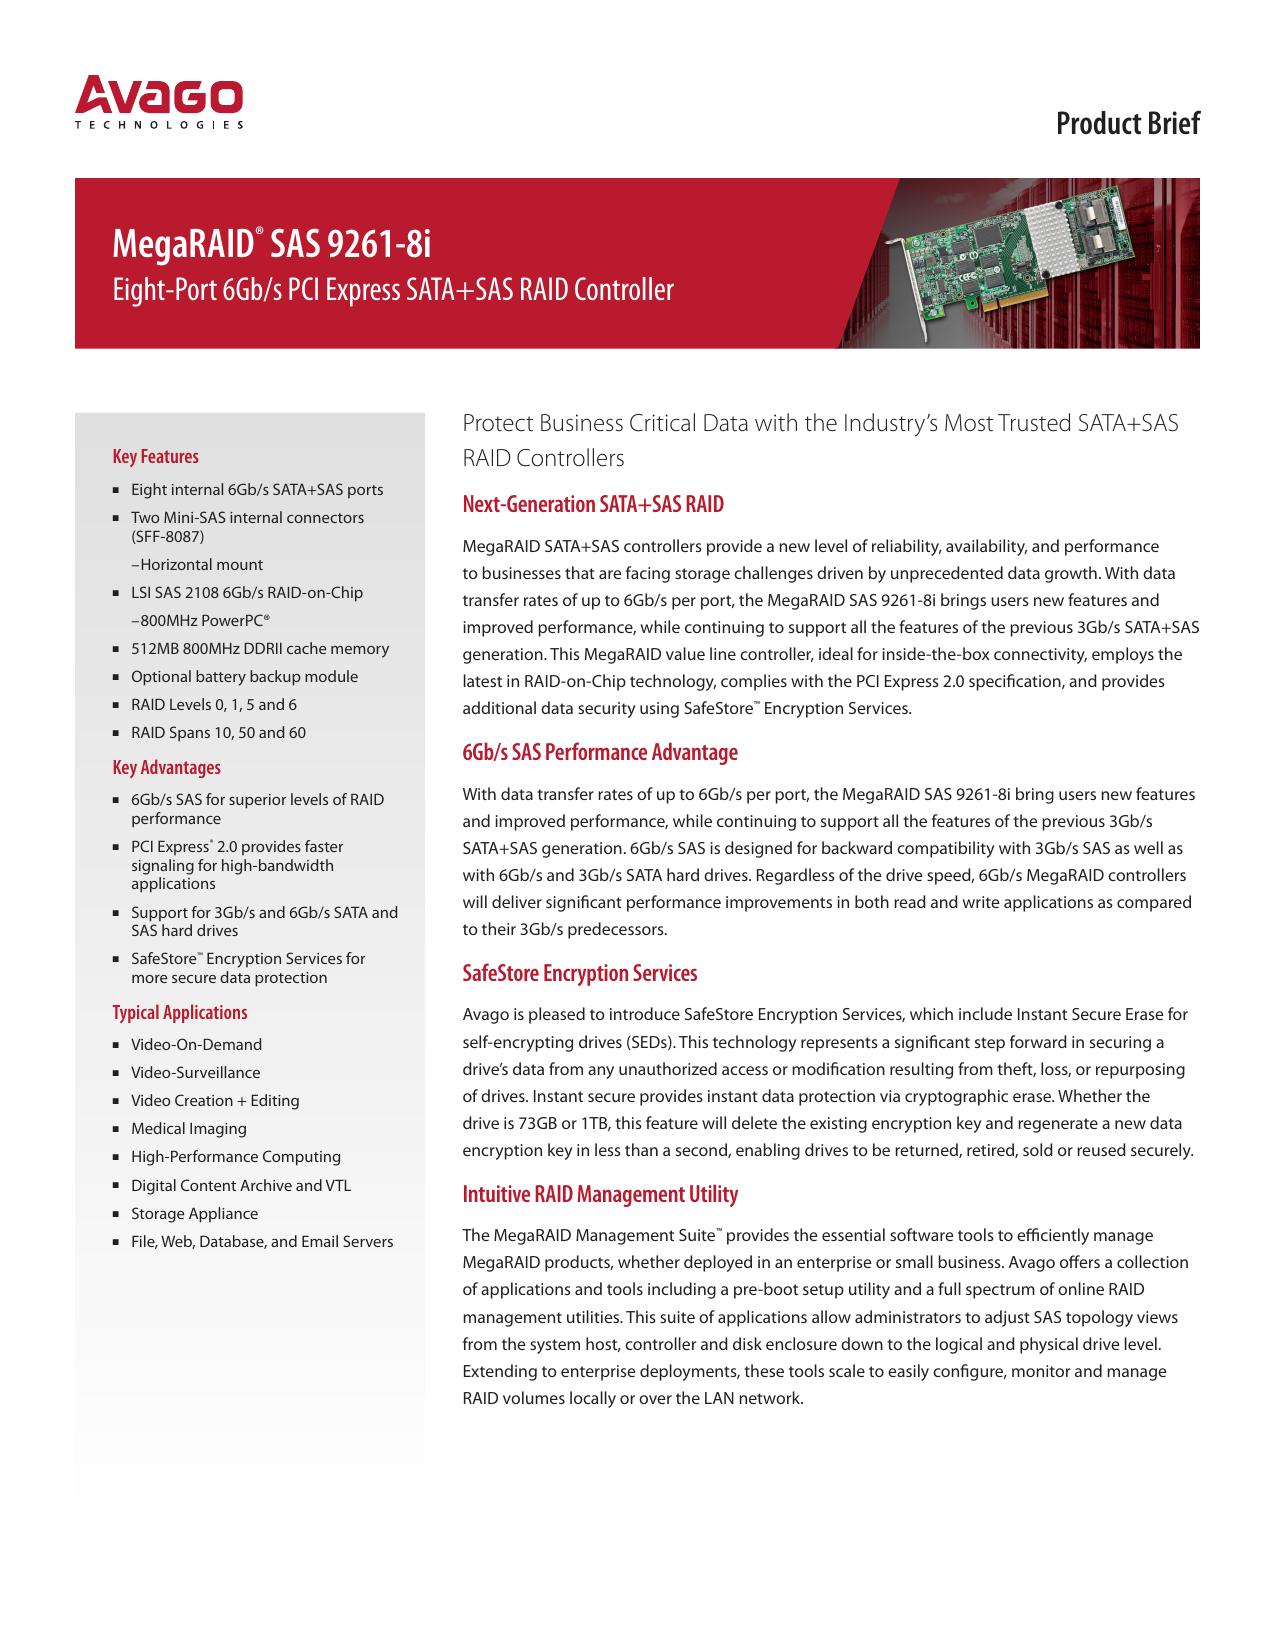 MegaRAID® SAS 9261-8i Prodict Brief | manualzz com